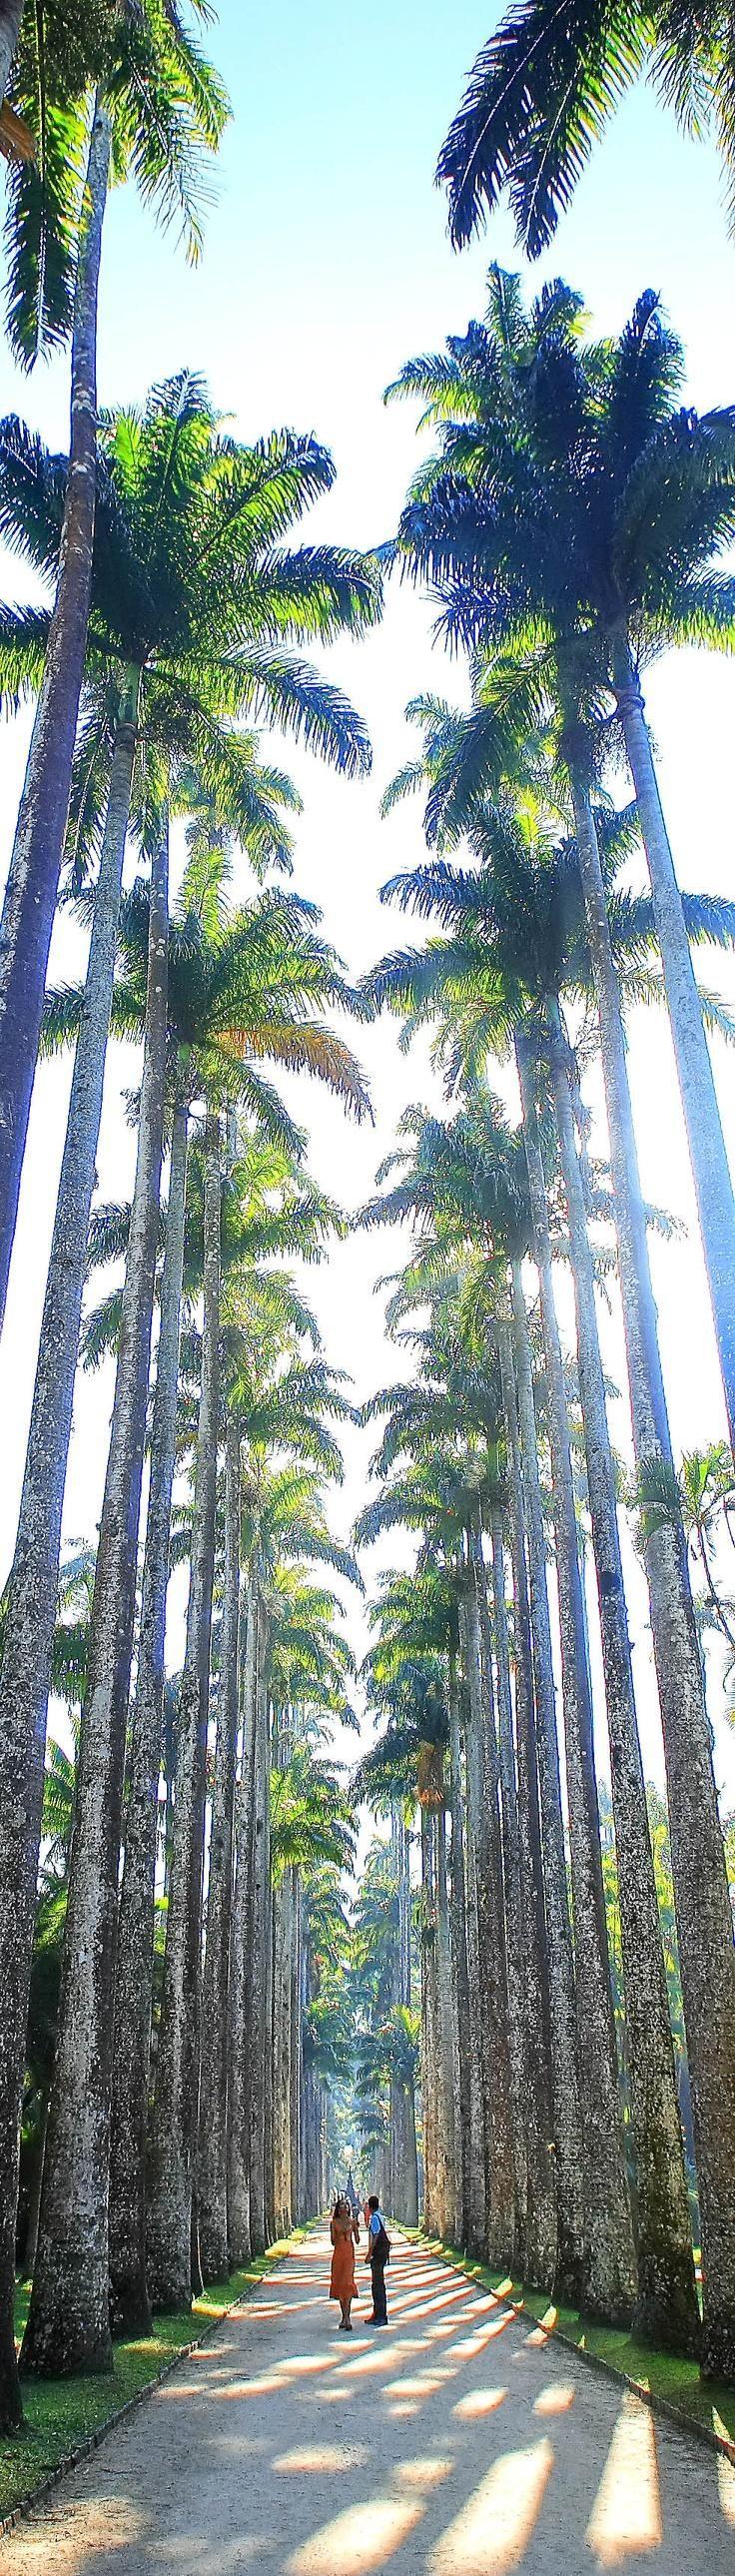 Conhecer o Jardim Botânico, Rio de Janeiro. E o país de uma maneira geral